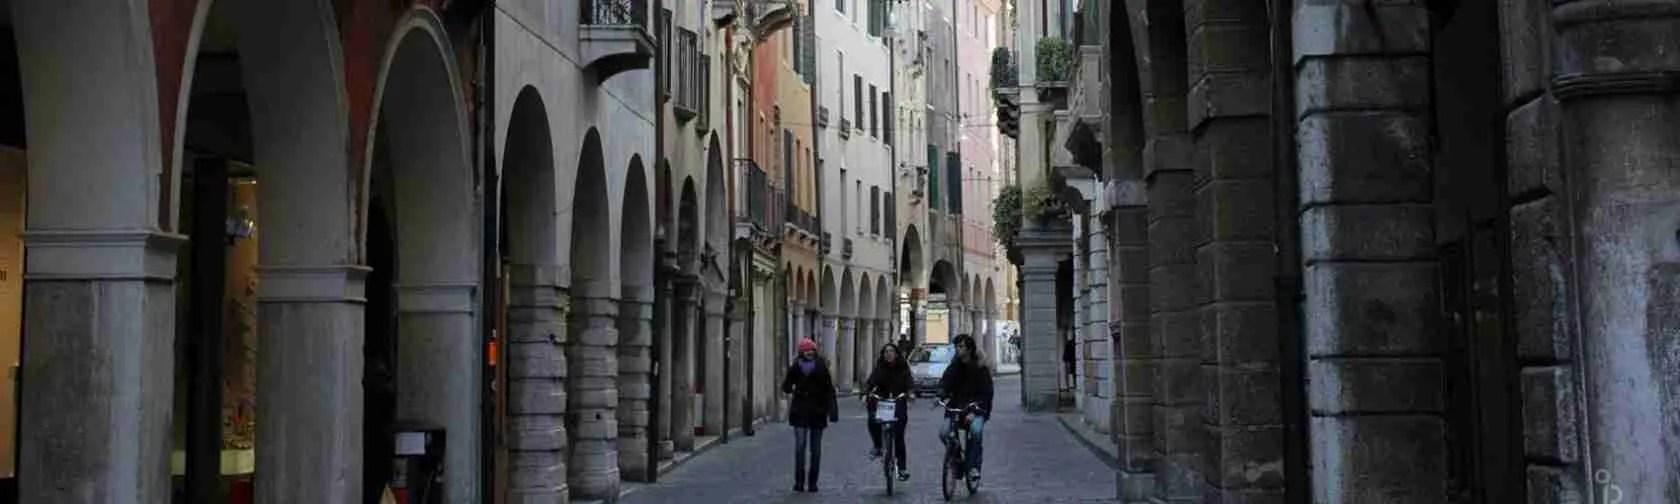 Calmaggiore è la via centrale di Treviso e dello shopping, amatissima dalle escort di Treviso.